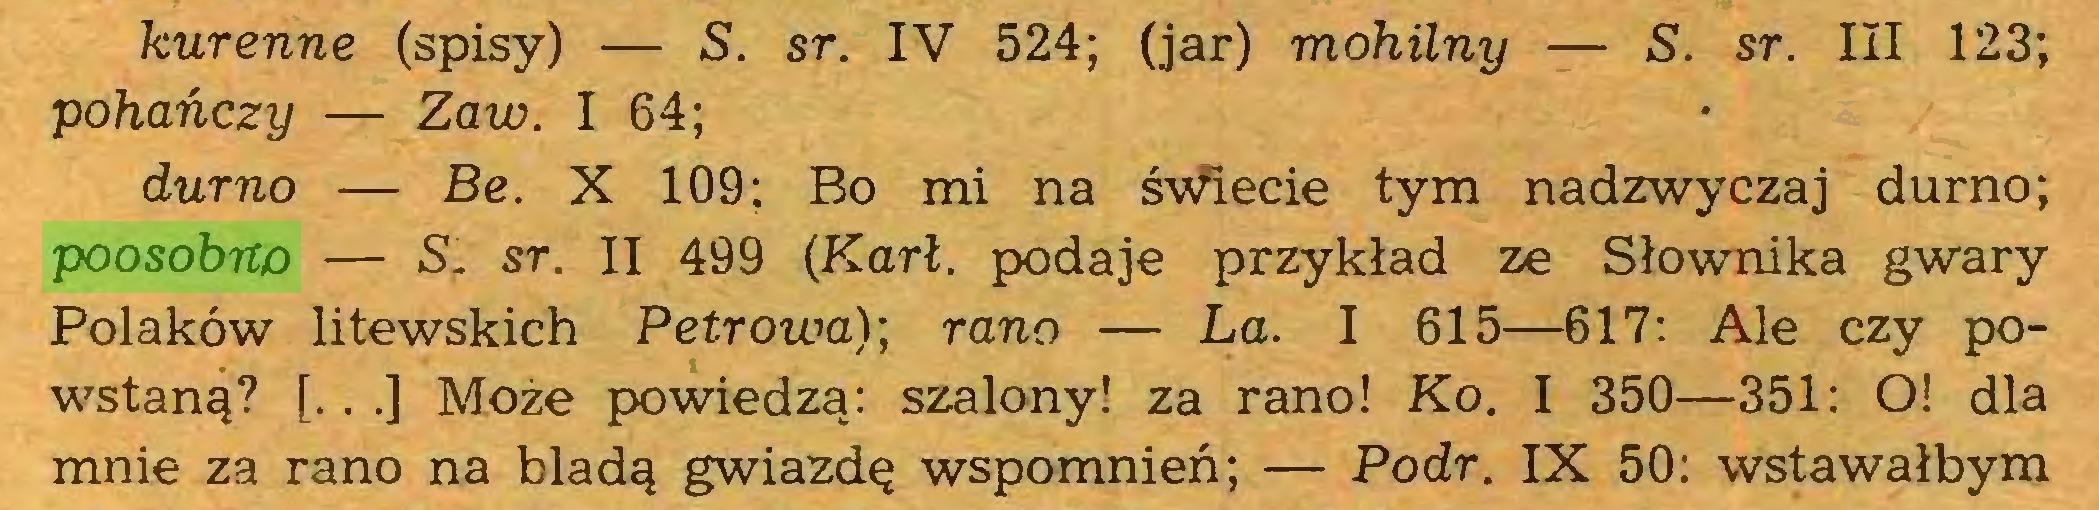 (...) kurenne (spisy) — S. sr. IV 524; (jar) mohilny — S. sr. III 123; pohańczy — Zaw. I 64; durno — Be. X 109; Bo mi na świecie tym nadzwyczaj durno; poosobno — S. sr. II 499 (Karl. podaje przykład ze Słownika gwary Polaków litewskich Petrowa); rano — La. I 615—617: Ale czy powstaną? [.. .] Może powiedzą: szalony! za rano! Ko. I 350—351: O! dla mnie za rano na bladą gwiazdę wspomnień; — Podr. IX 50: wstawałbym...